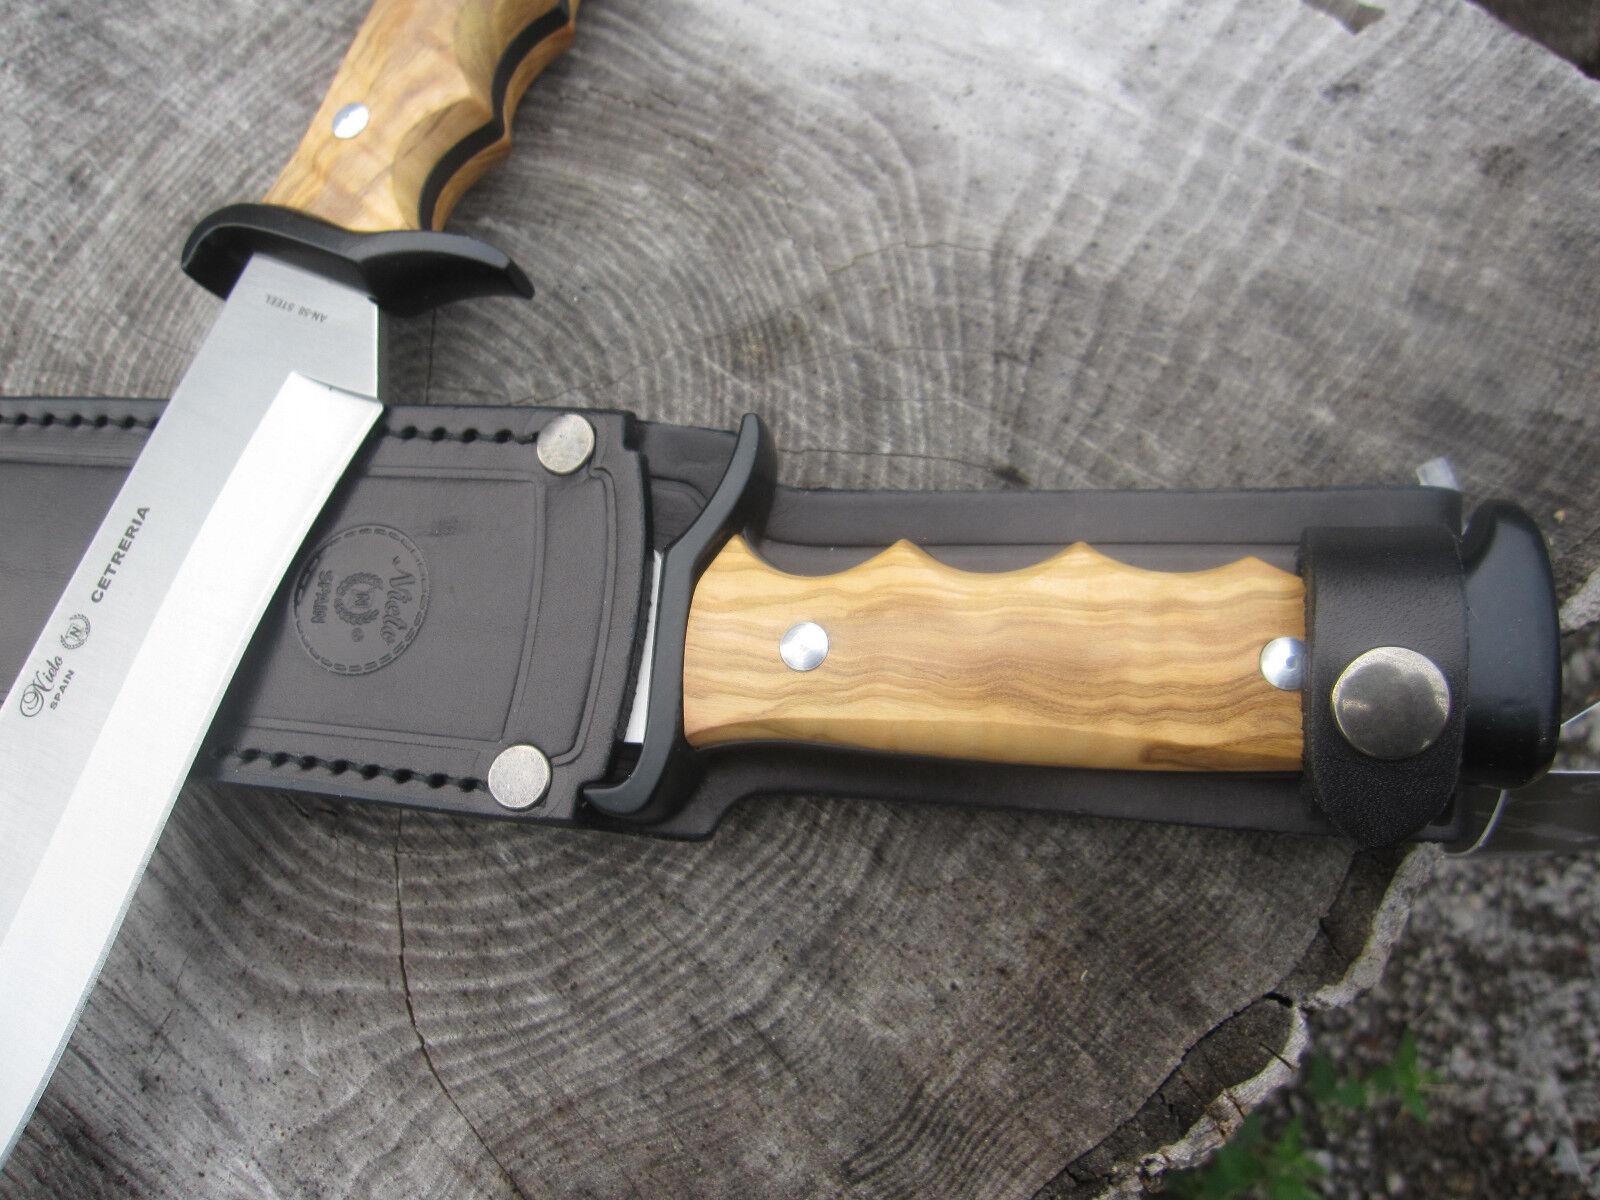 Nieto Messer Machete Machete Machete Gürtelmesser Jagdmesser Outdoormesser Outdoor Jagd 122523 84ecf3